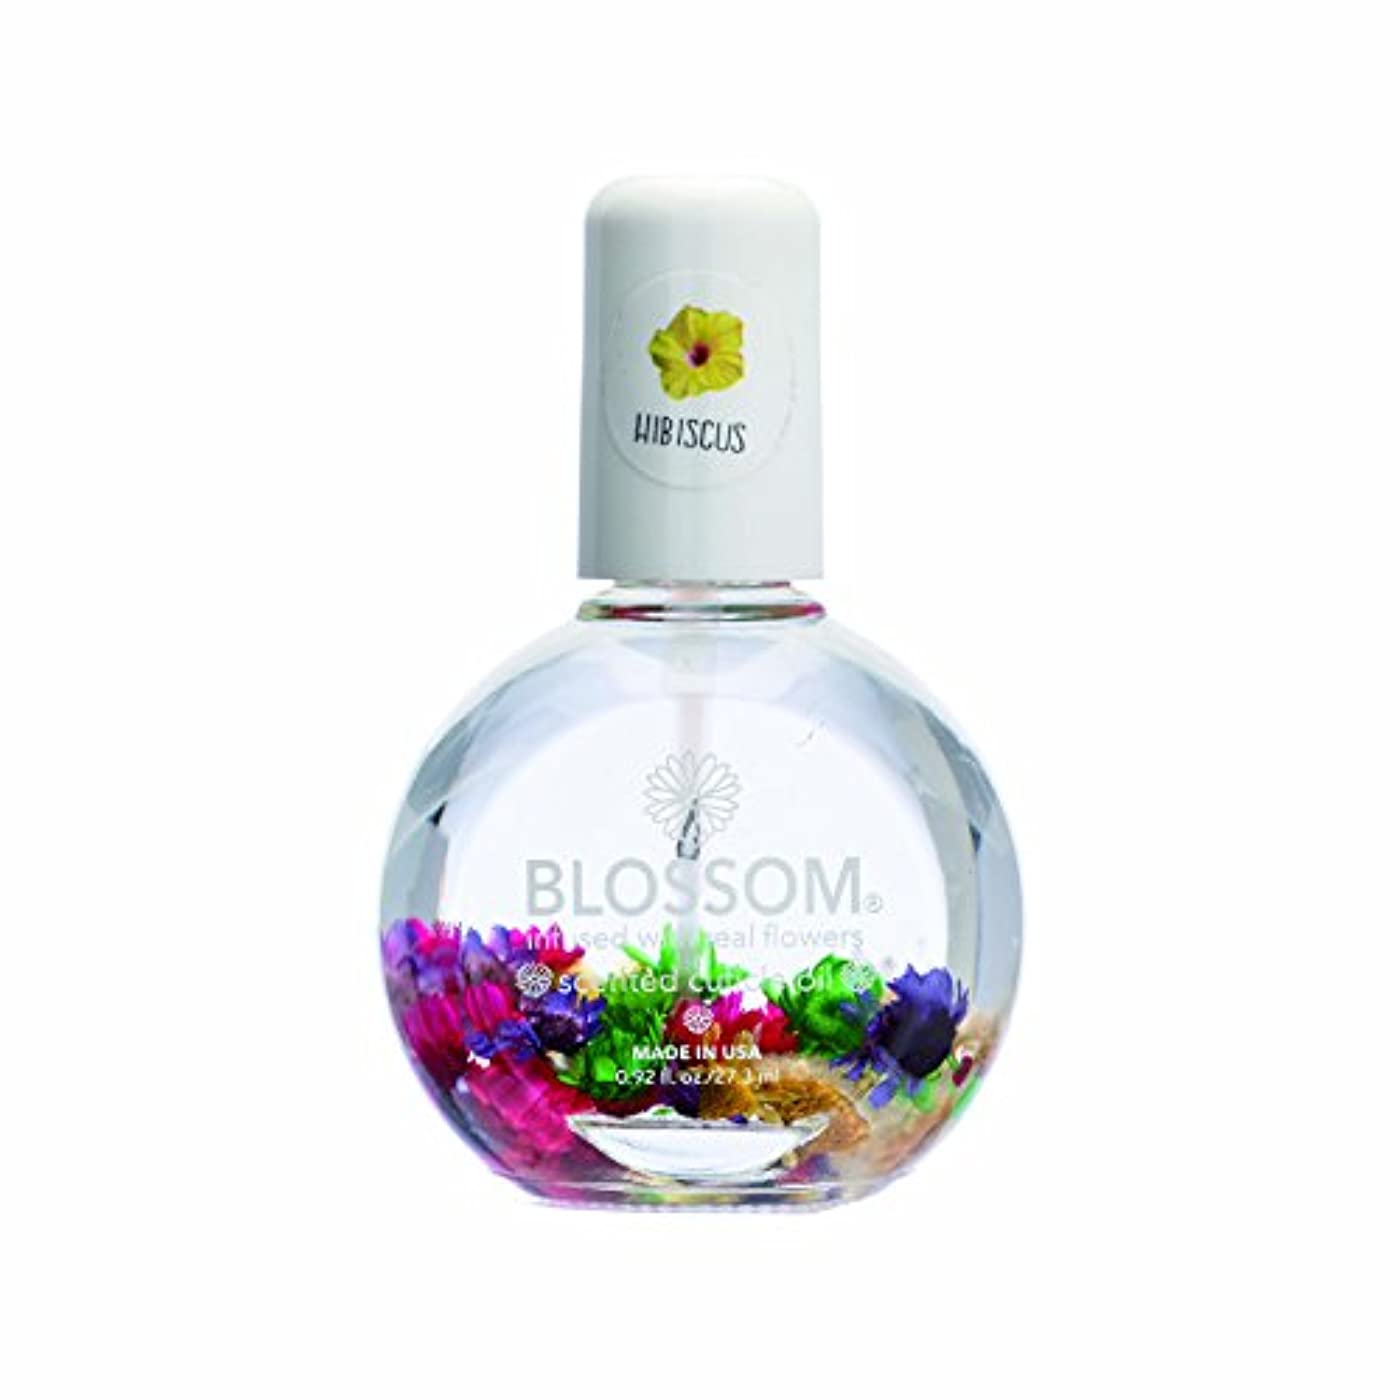 もう一度抜け目のない薬理学Blossom ネイルオイル フラワー 1OZ ハイビスカス WBLCO122-5